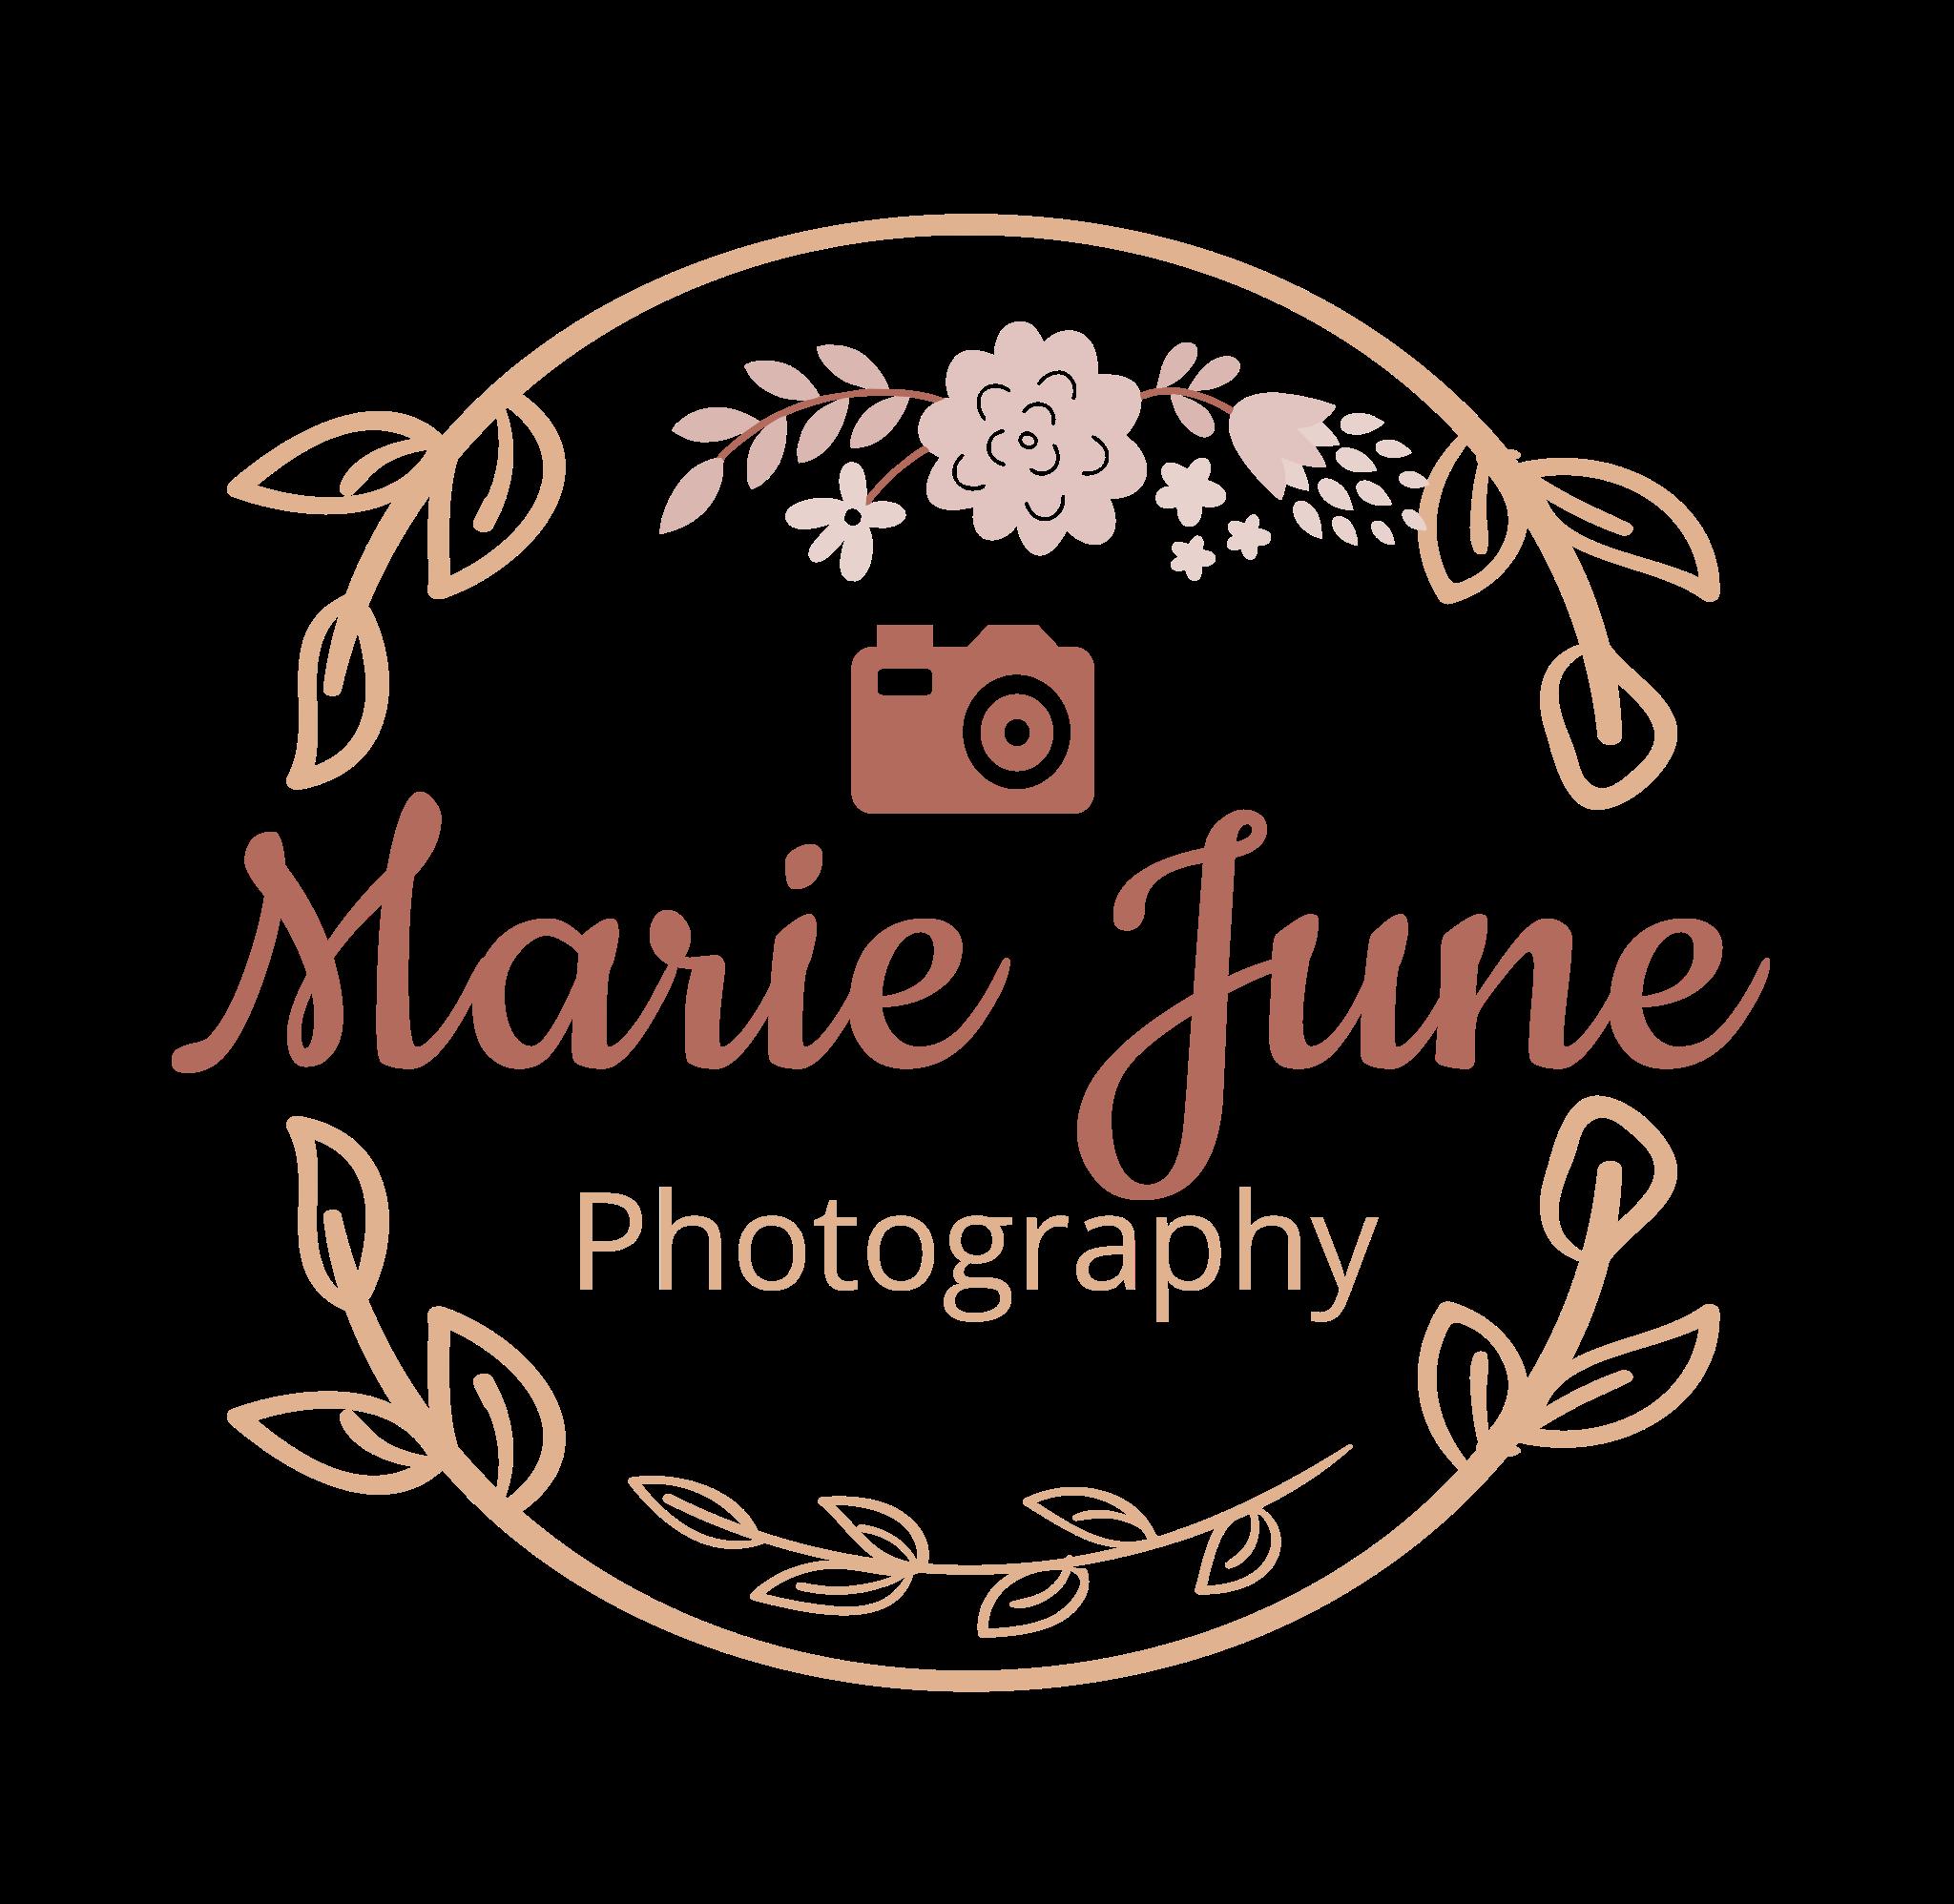 Marie June